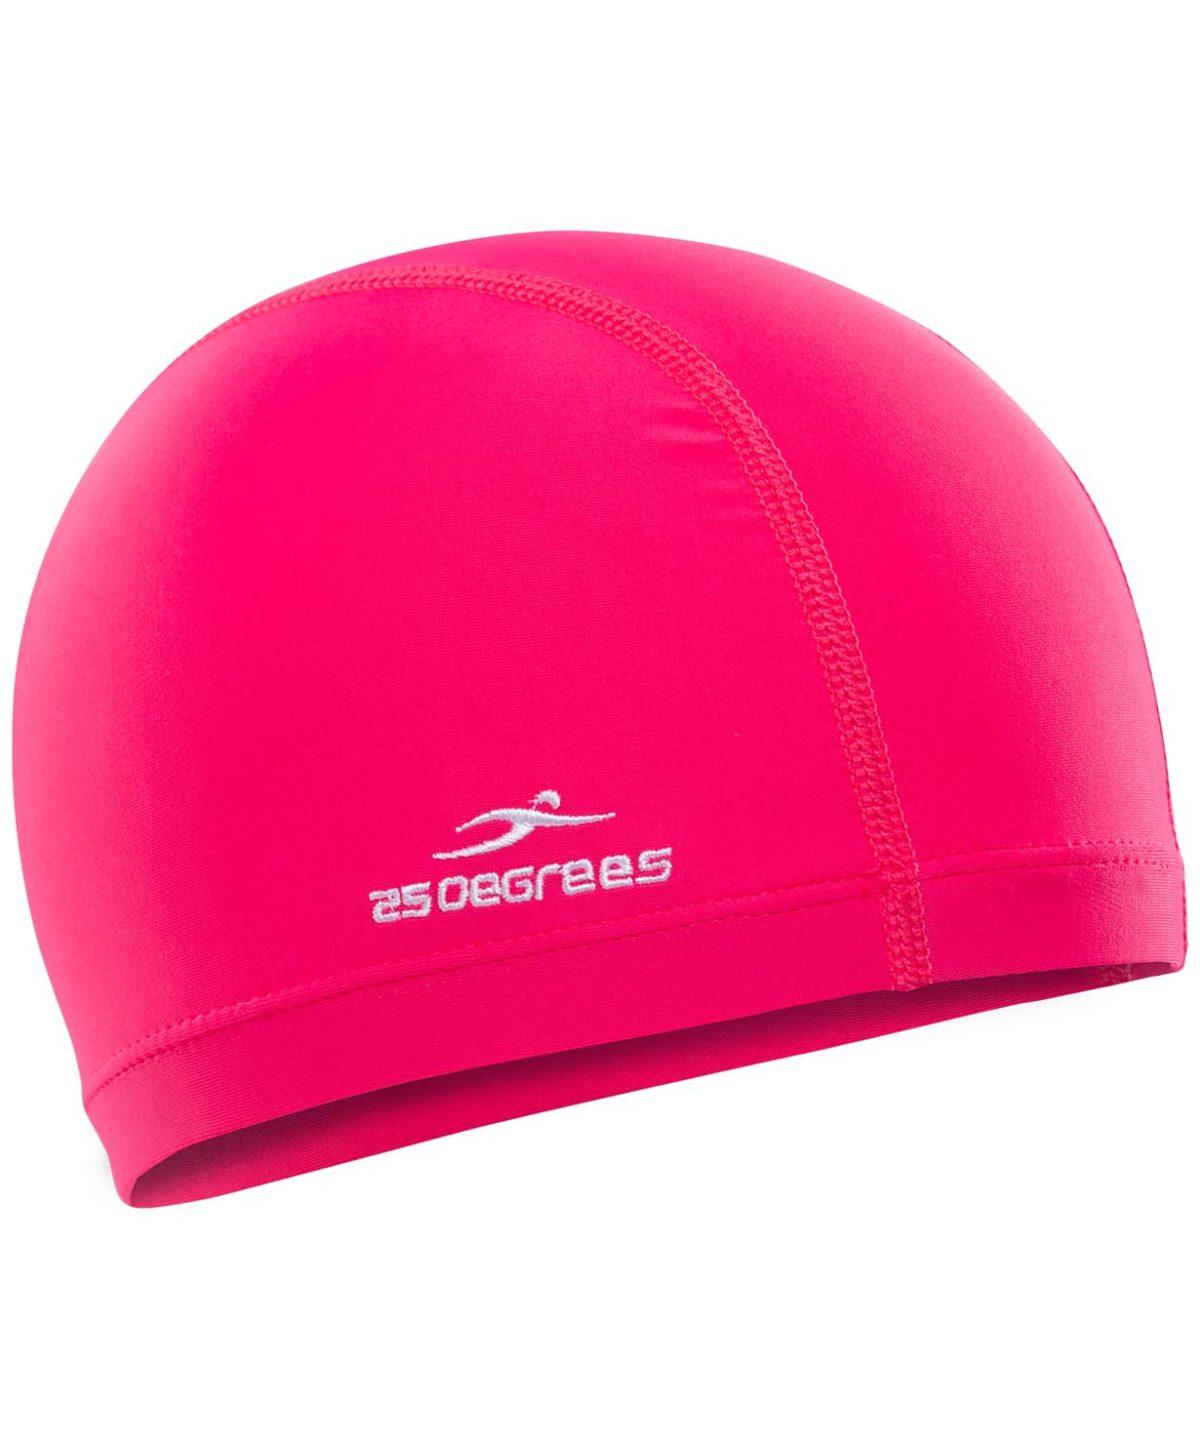 25DEGREES Шапочка для плавания Essence, полиамид, детская 25D15-ES-22-32-0: розовый - 1